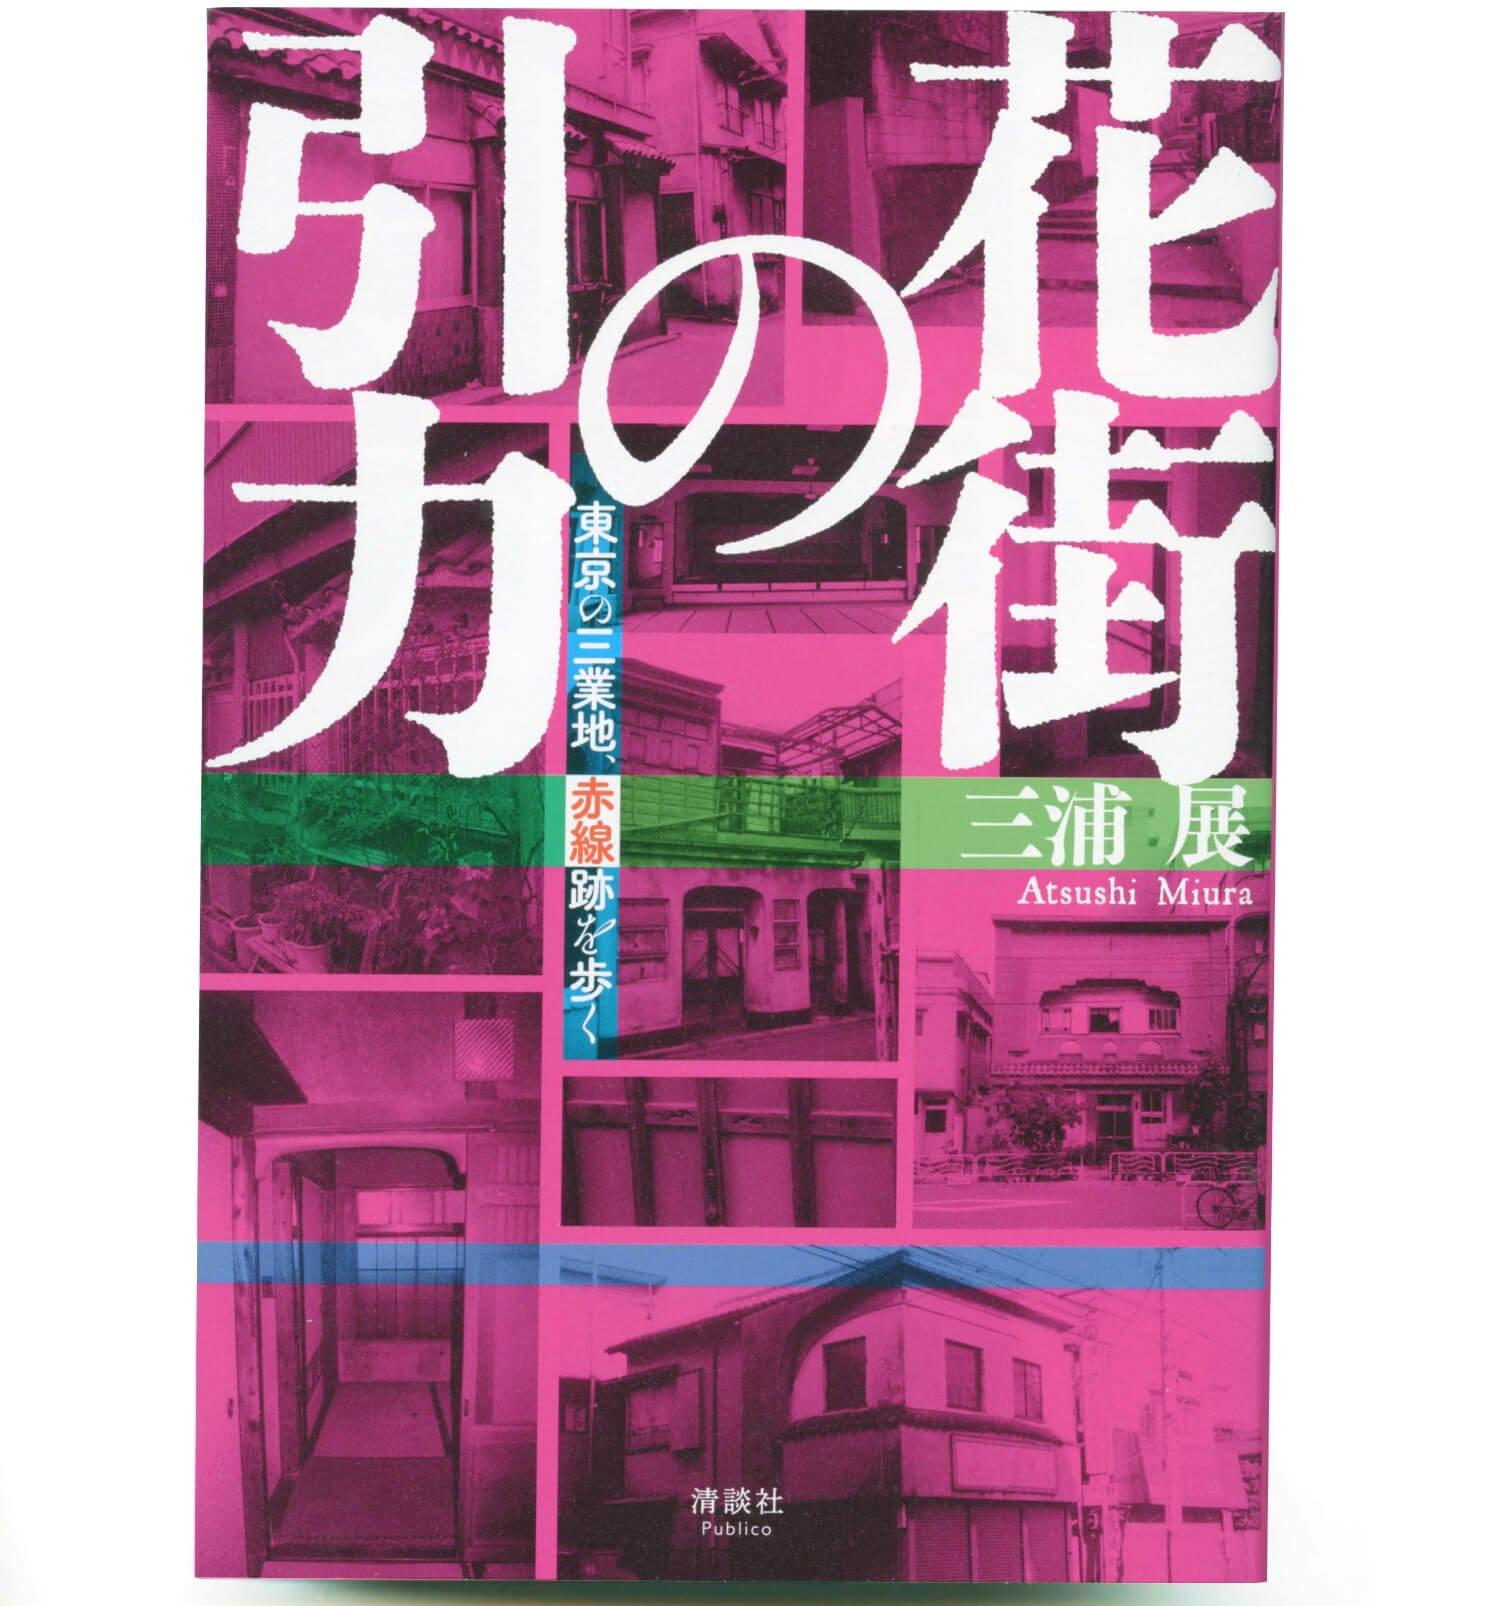 三浦 展 著/ 清談社Publico/ 2200円+税